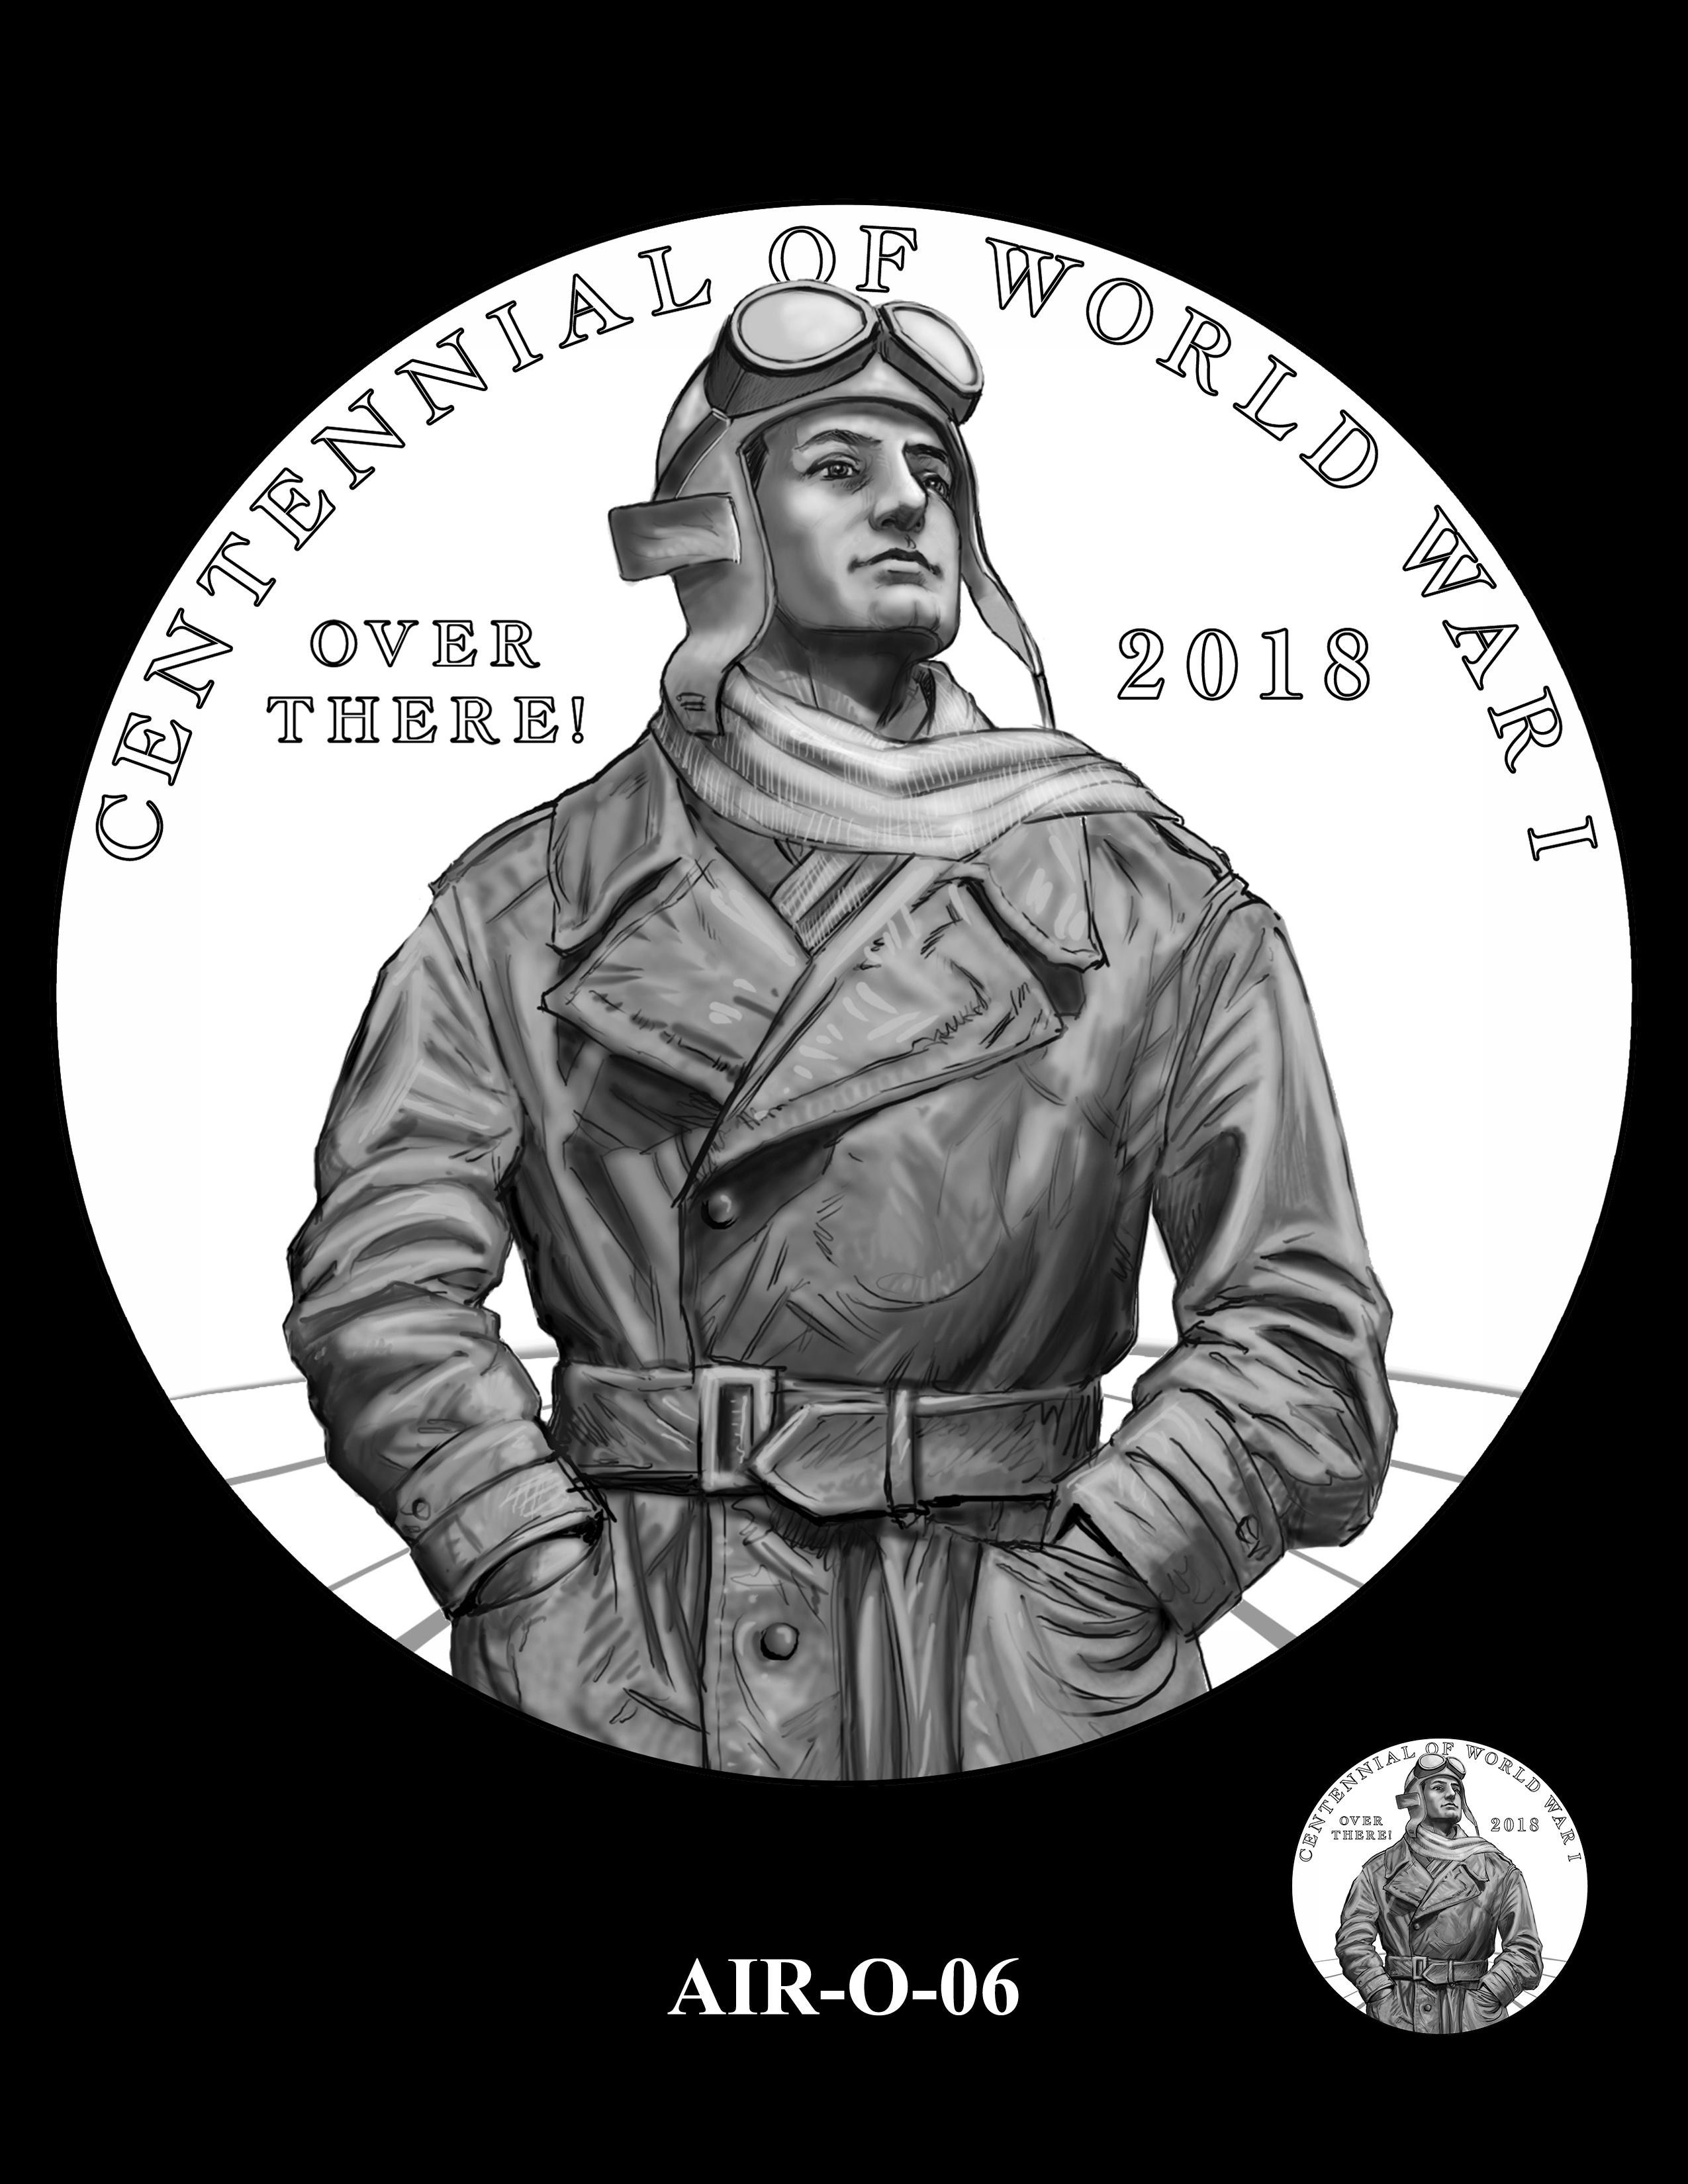 P1-AIR-O-06 -- 2018-World War I Silver Medals - Air Service